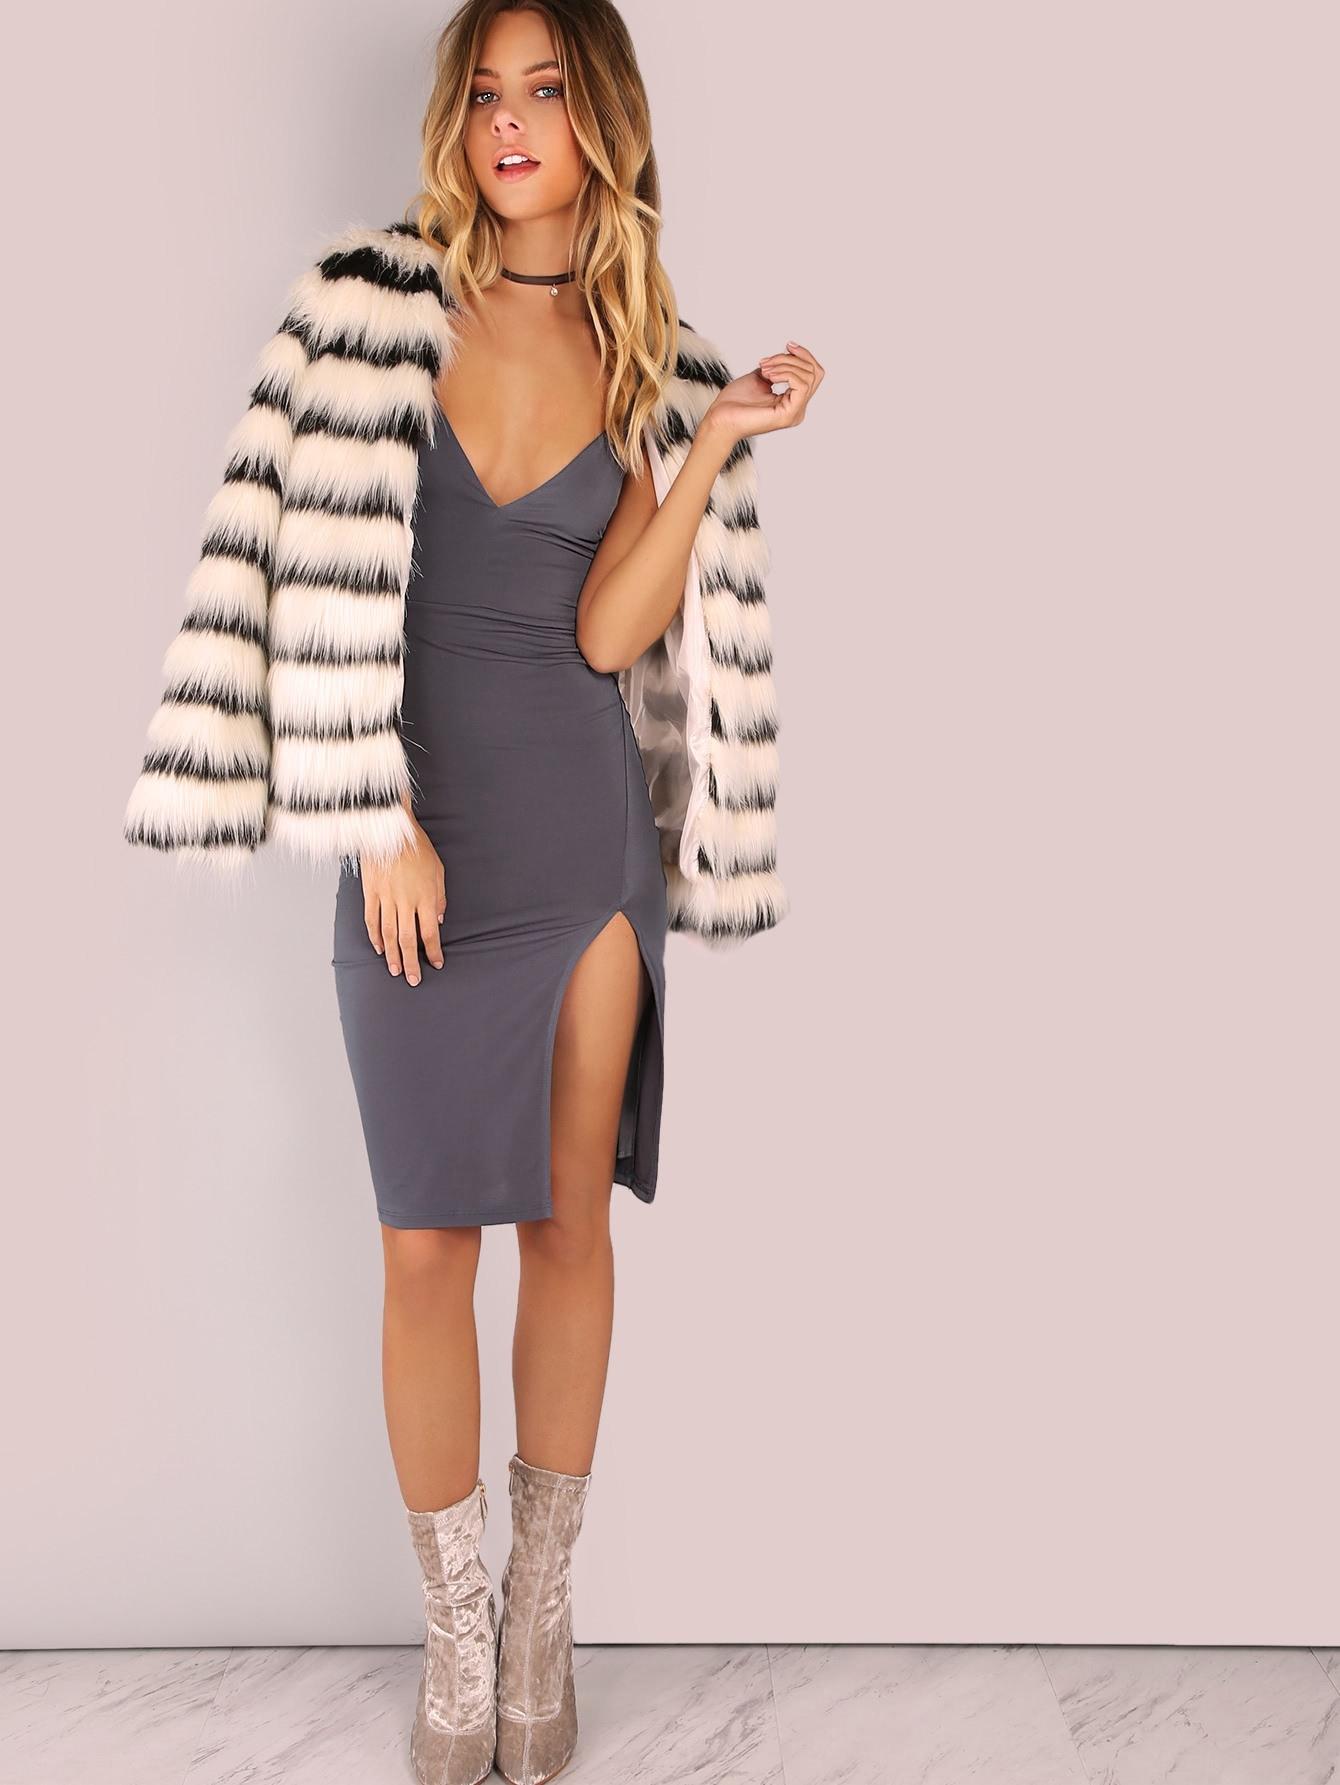 Formal Cool Ärmellose Kleider Knielang Bester PreisAbend Schön Ärmellose Kleider Knielang Boutique